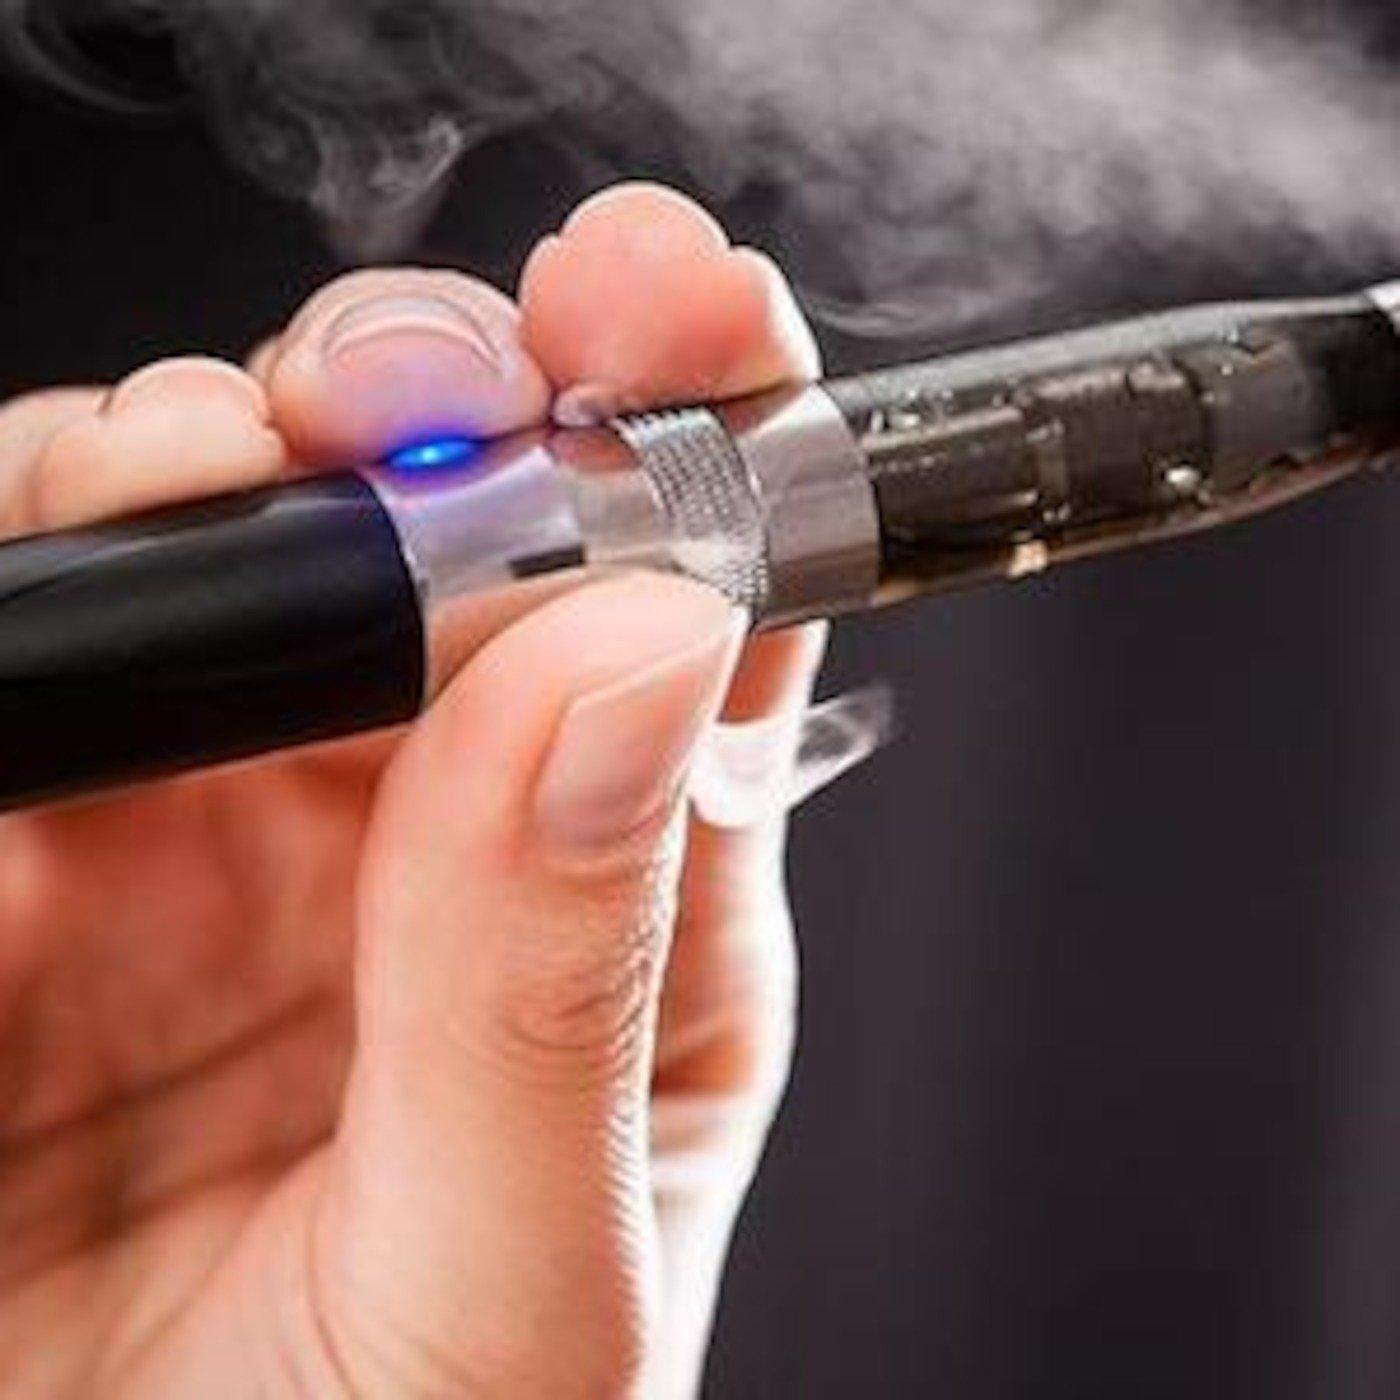 Минздрав поведал об опасности электронной сигареты